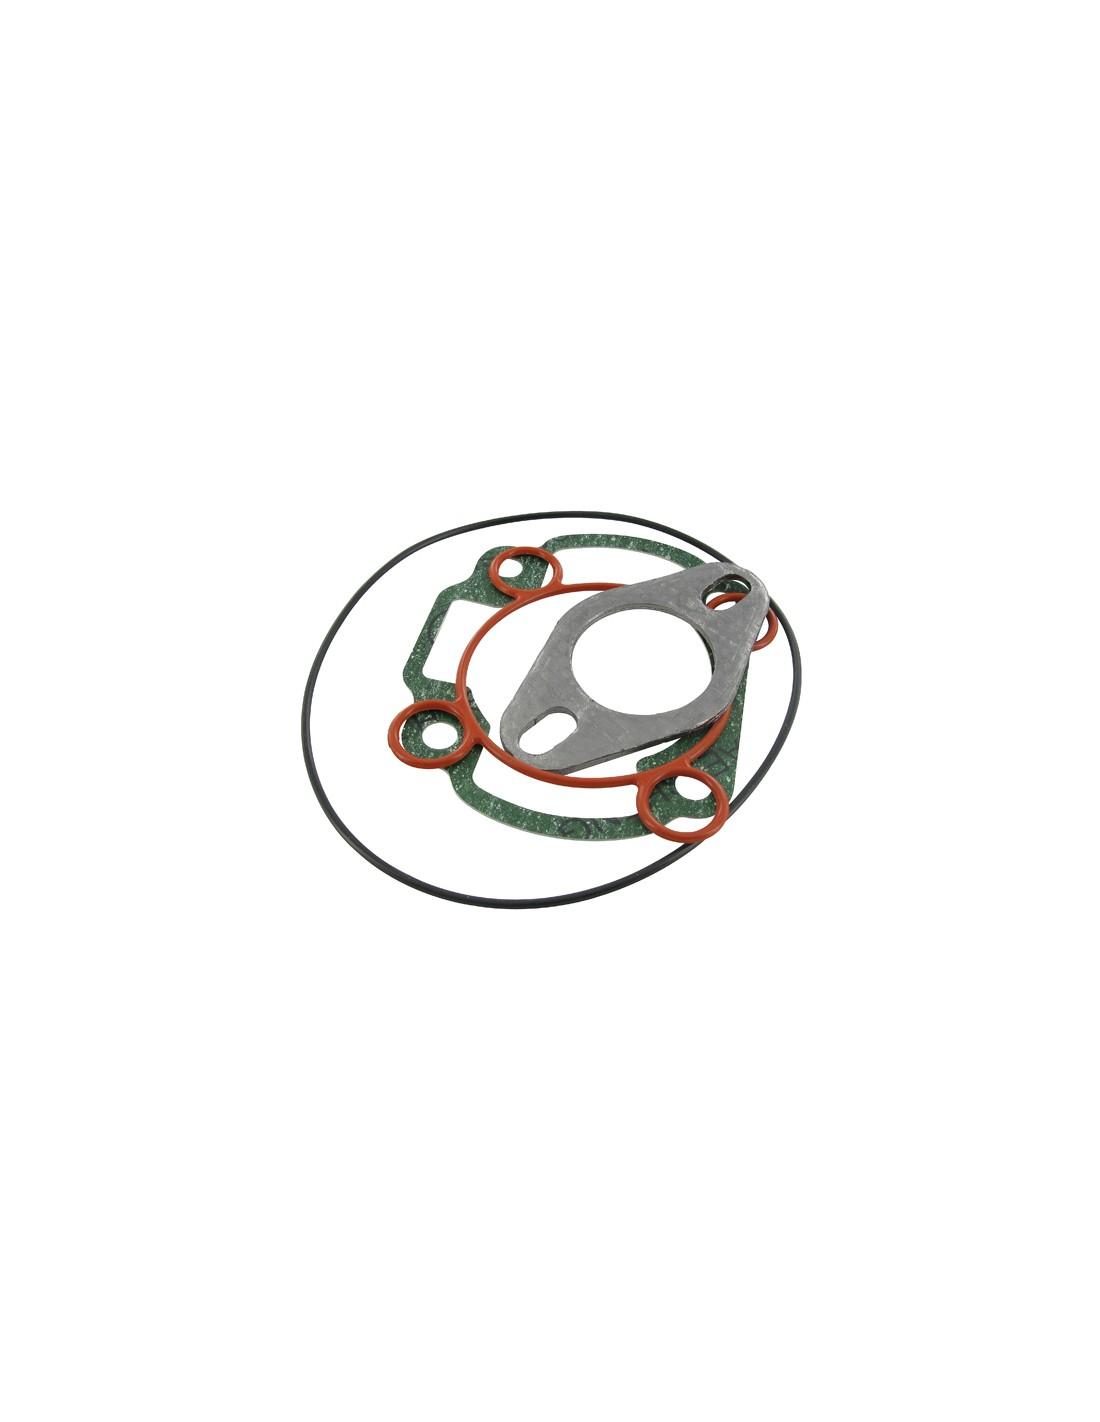 Guarnizione Motore per Minarelli orizzontale LC